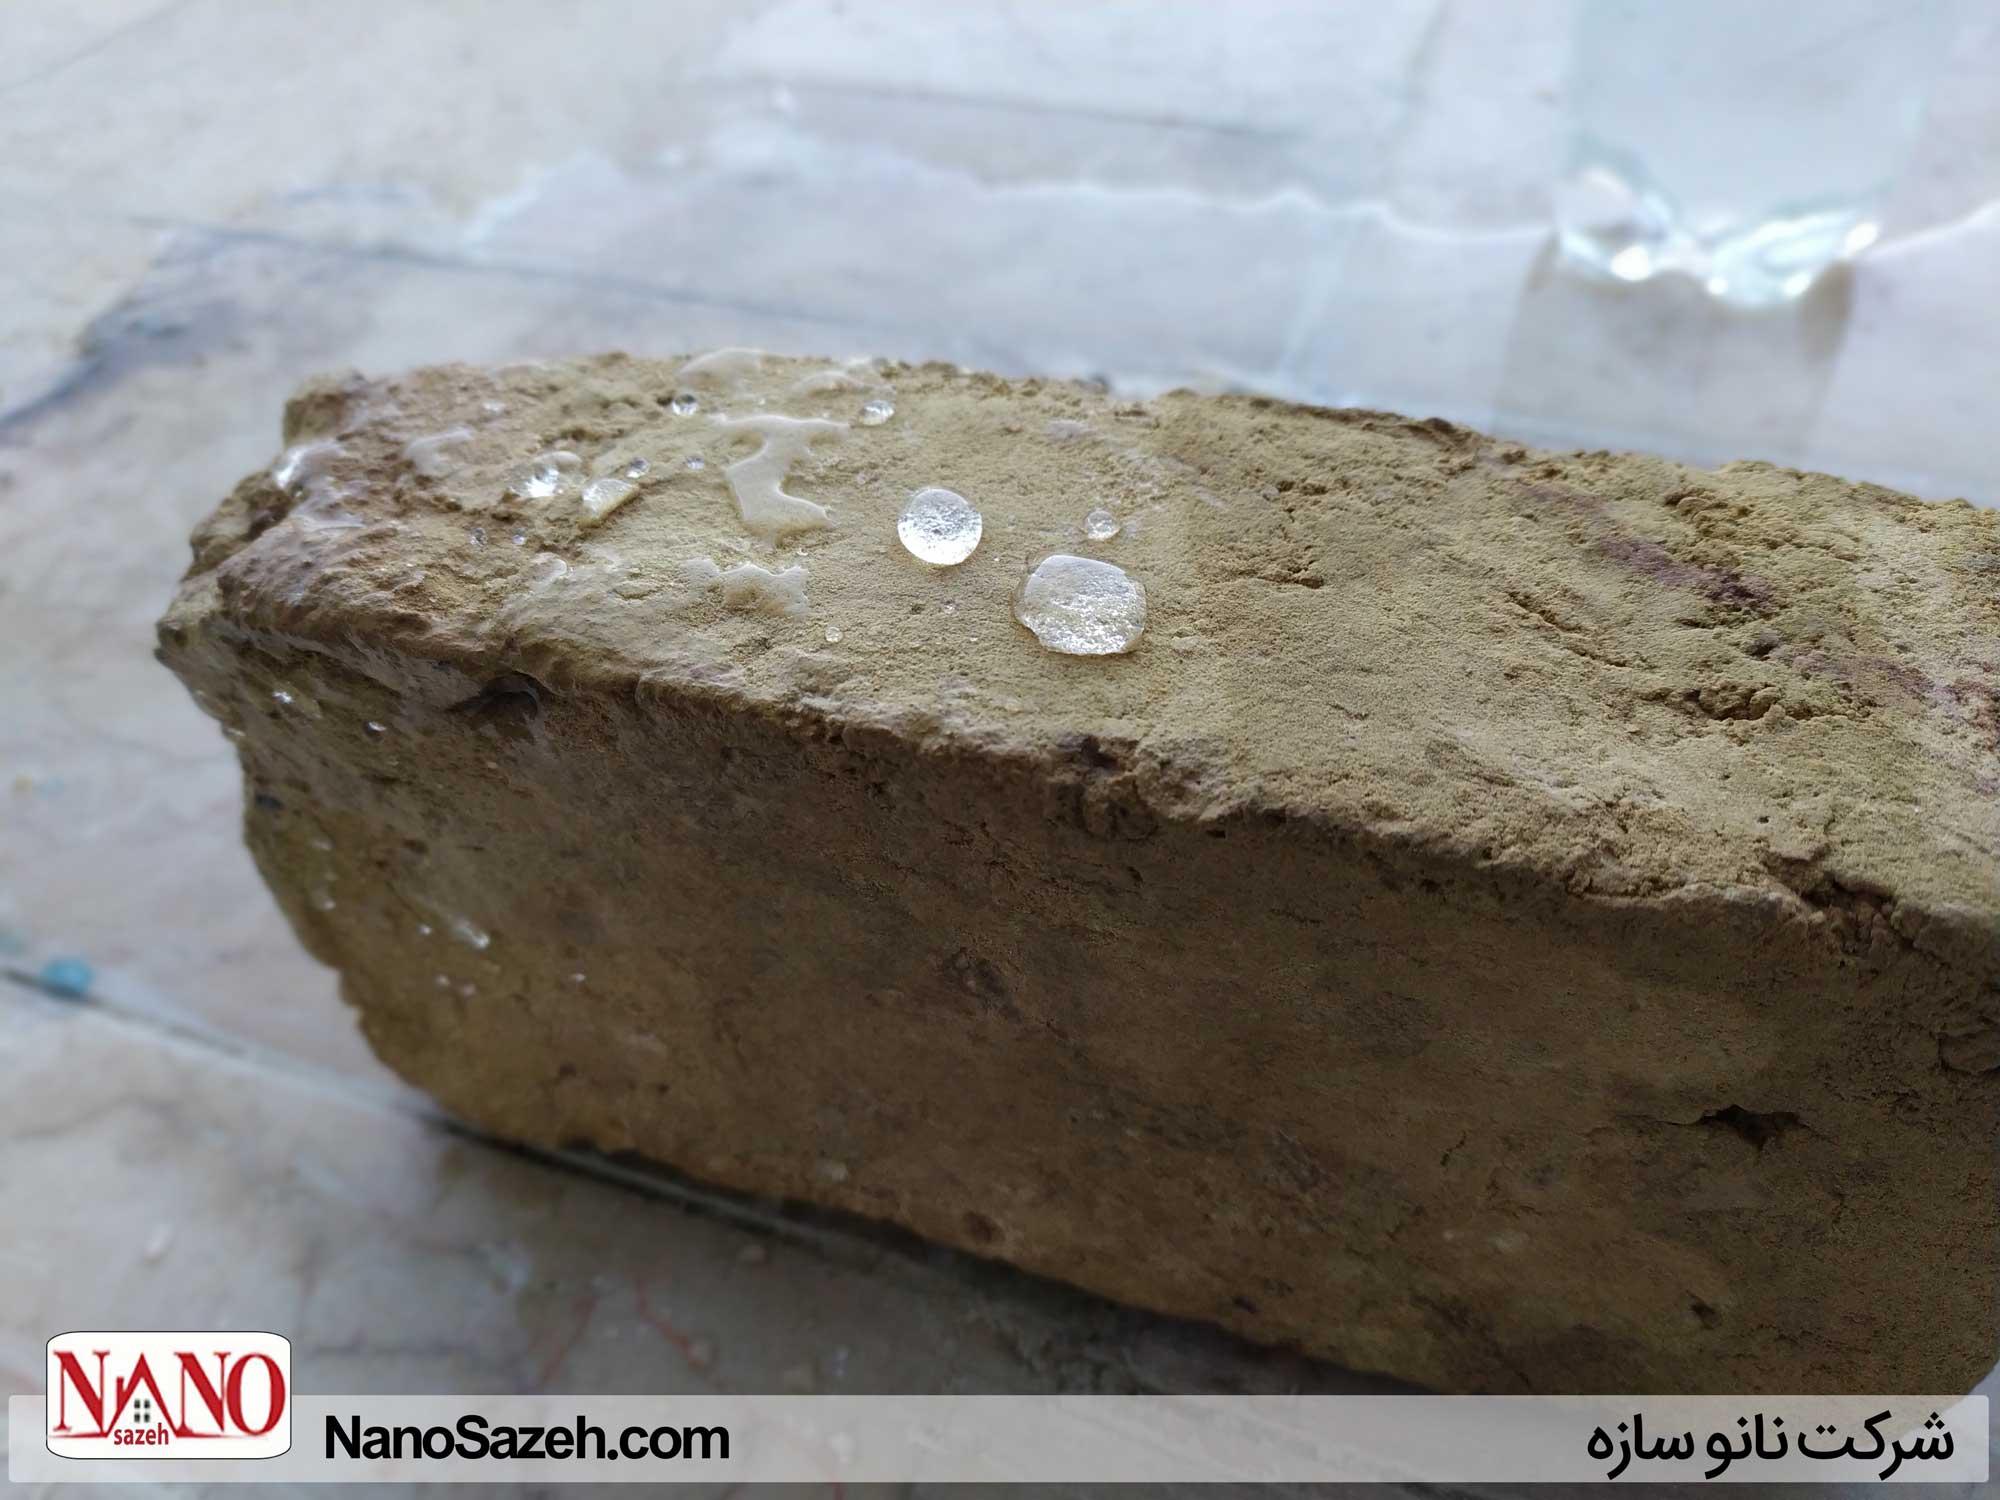 تست آبگریزی محصول نانو آبگریز برروی آجر گری